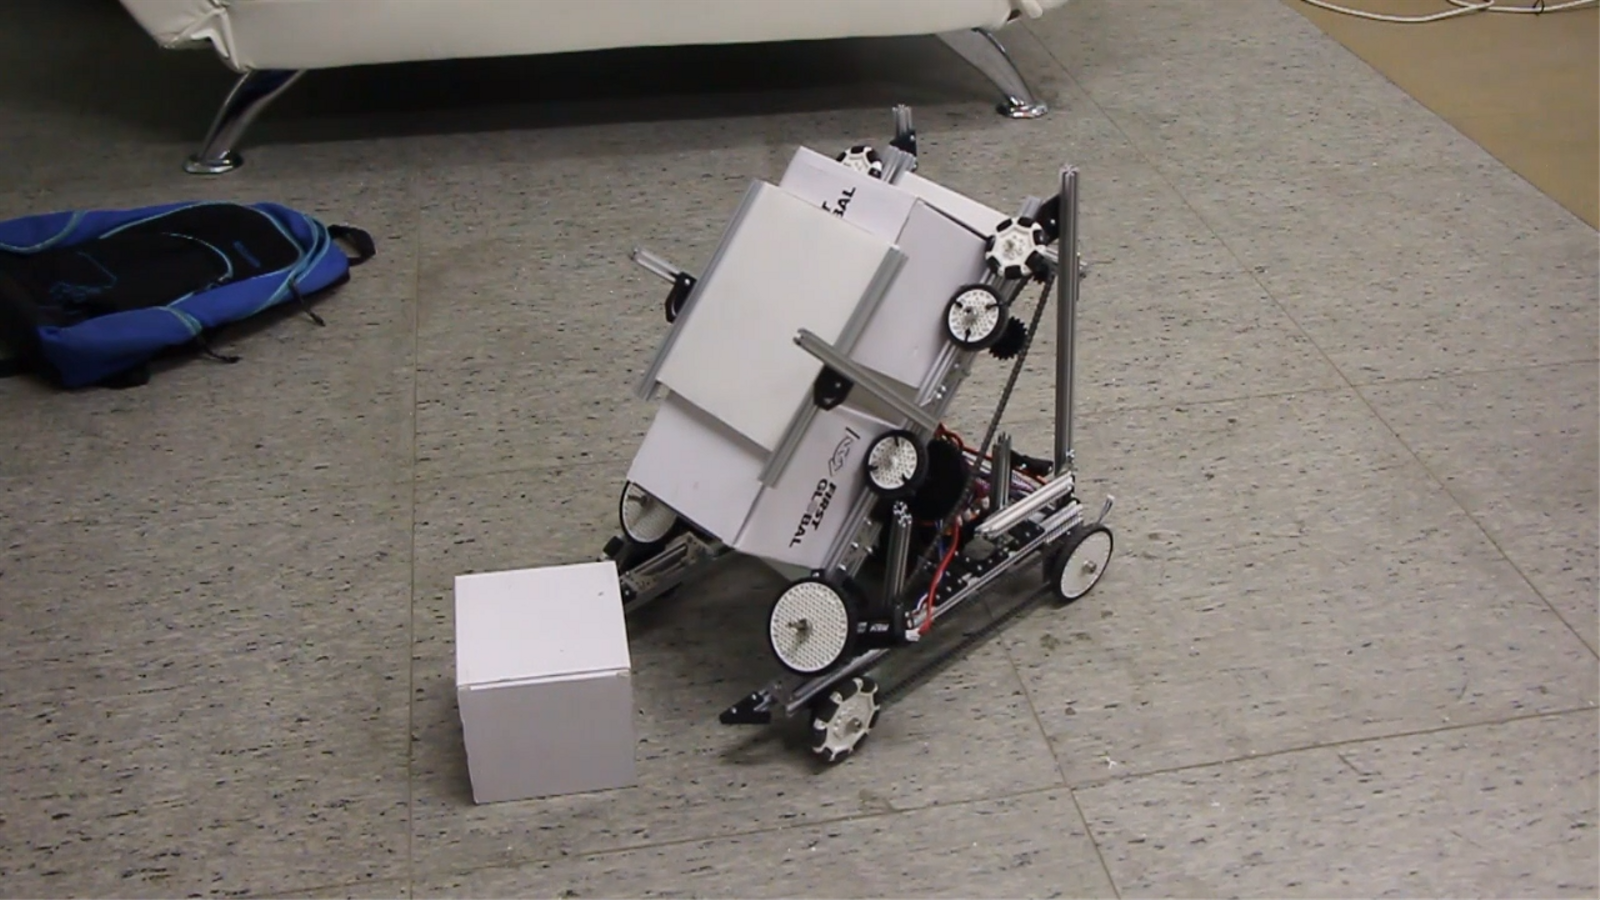 El robot dissenyat per l'equip andorrà en plena acció